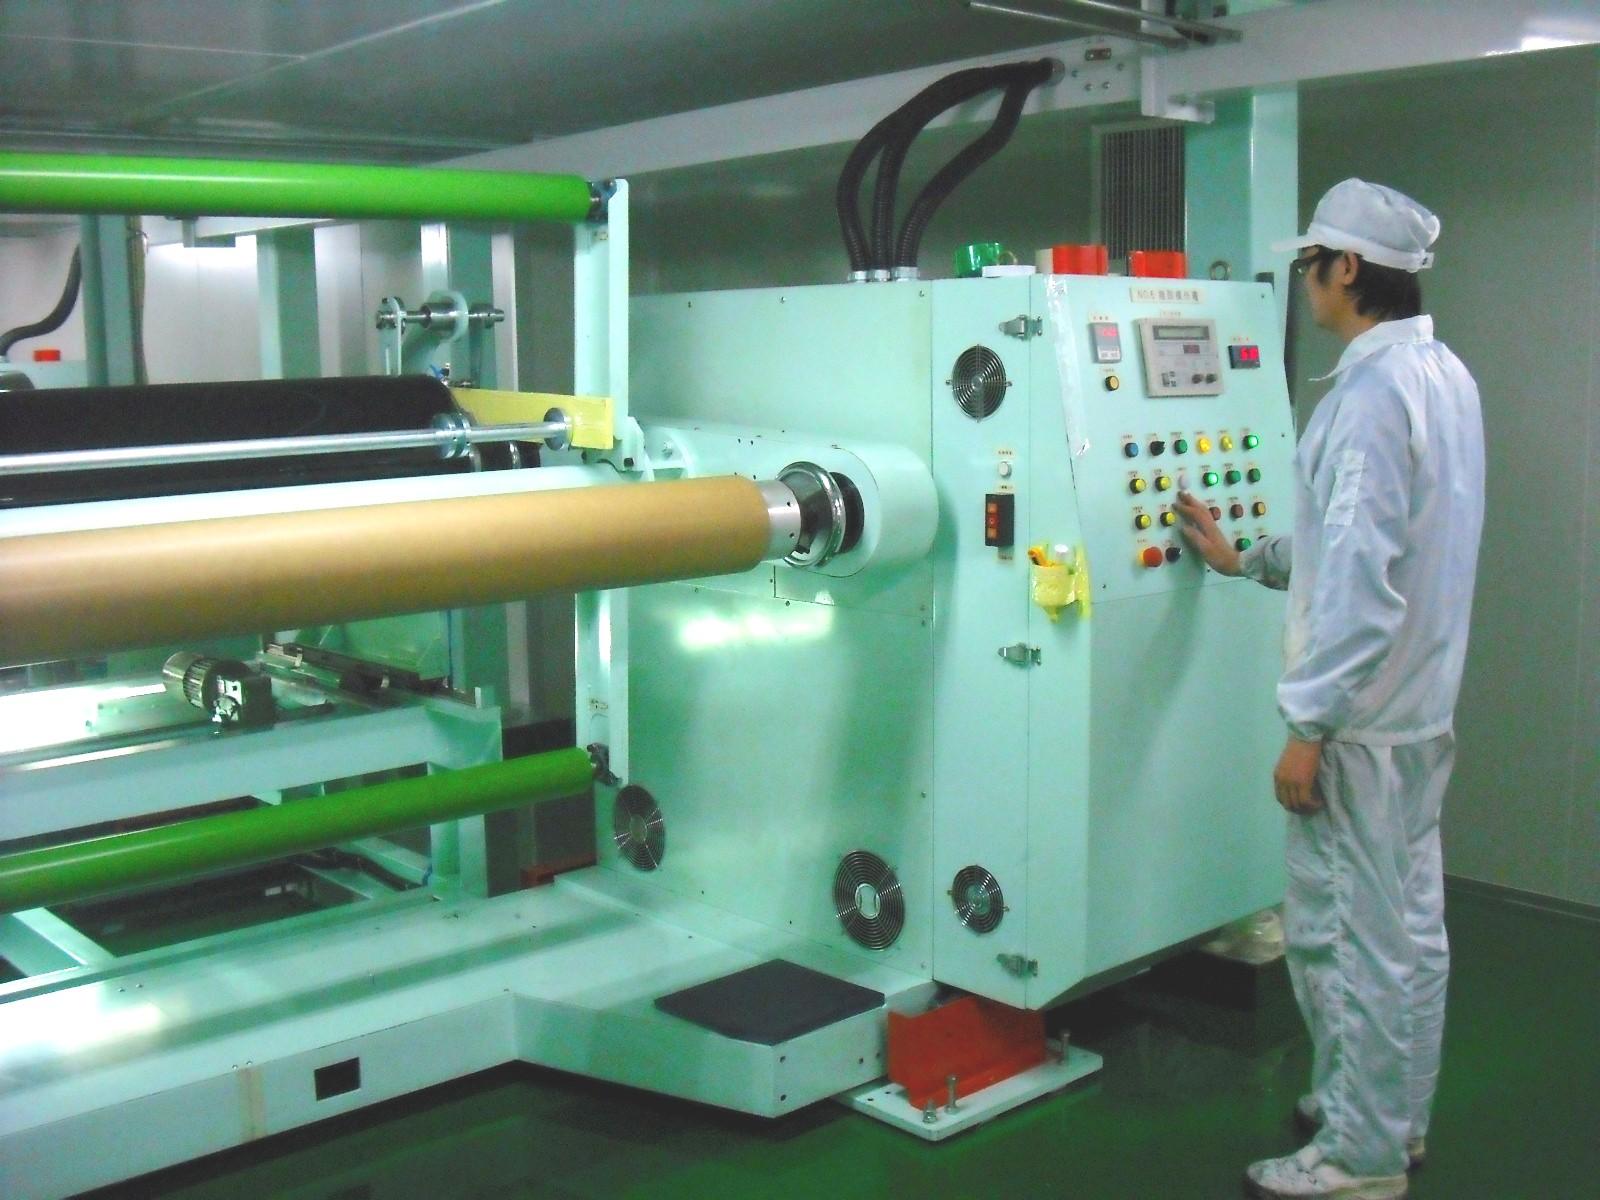 نحن من ذوي الخبرة في تصنيع أفلام تظليل النوافذ ، والمصانع الموجودة في تايوان بمعدات مطورة جديدة.